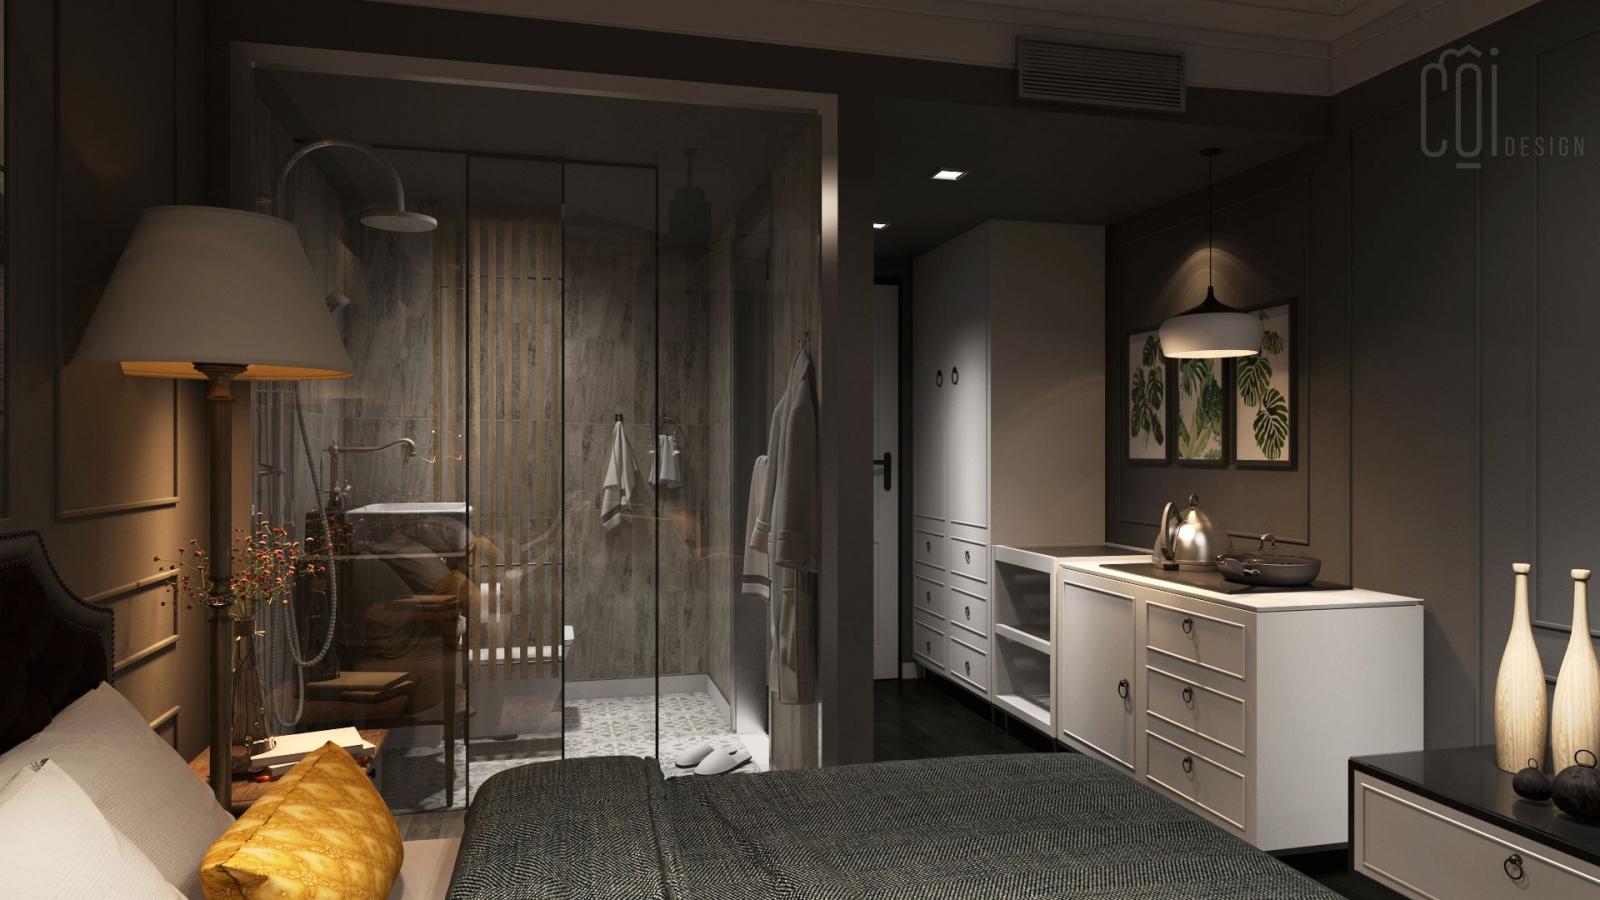 Nhà vệ sinh trong phòng ngủ - Mẫu 6